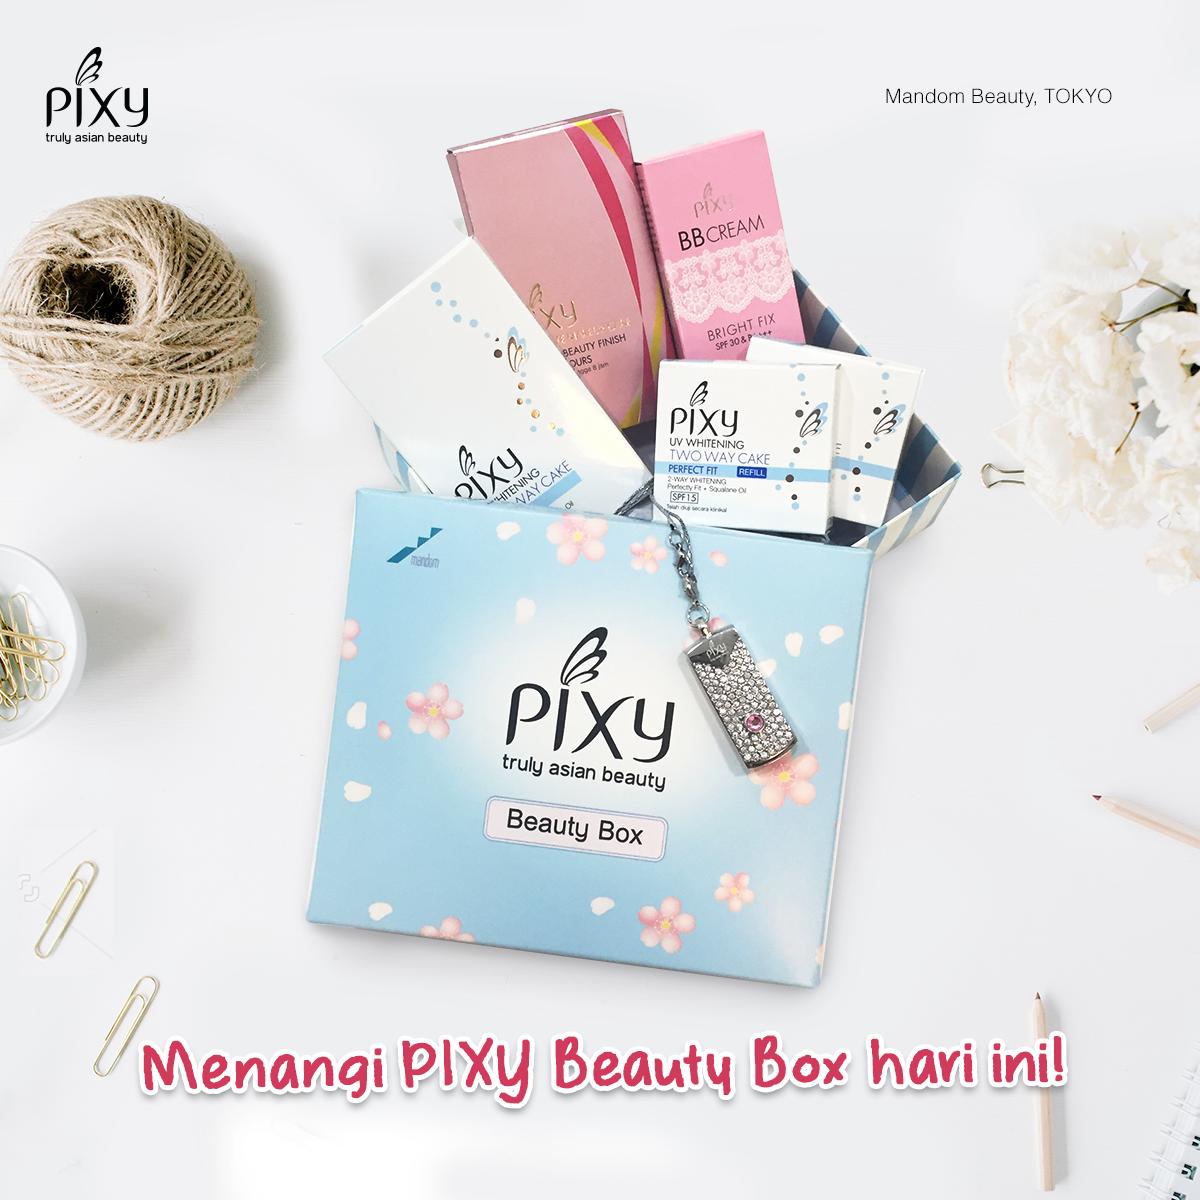 Natural Simple Makeup Look Featuring Pixy Media Panas Tcash Vaganza 39 Bantal Mobil 3 In 1 Mini Mouse Aksesoris Bagaimana Nak Sertai